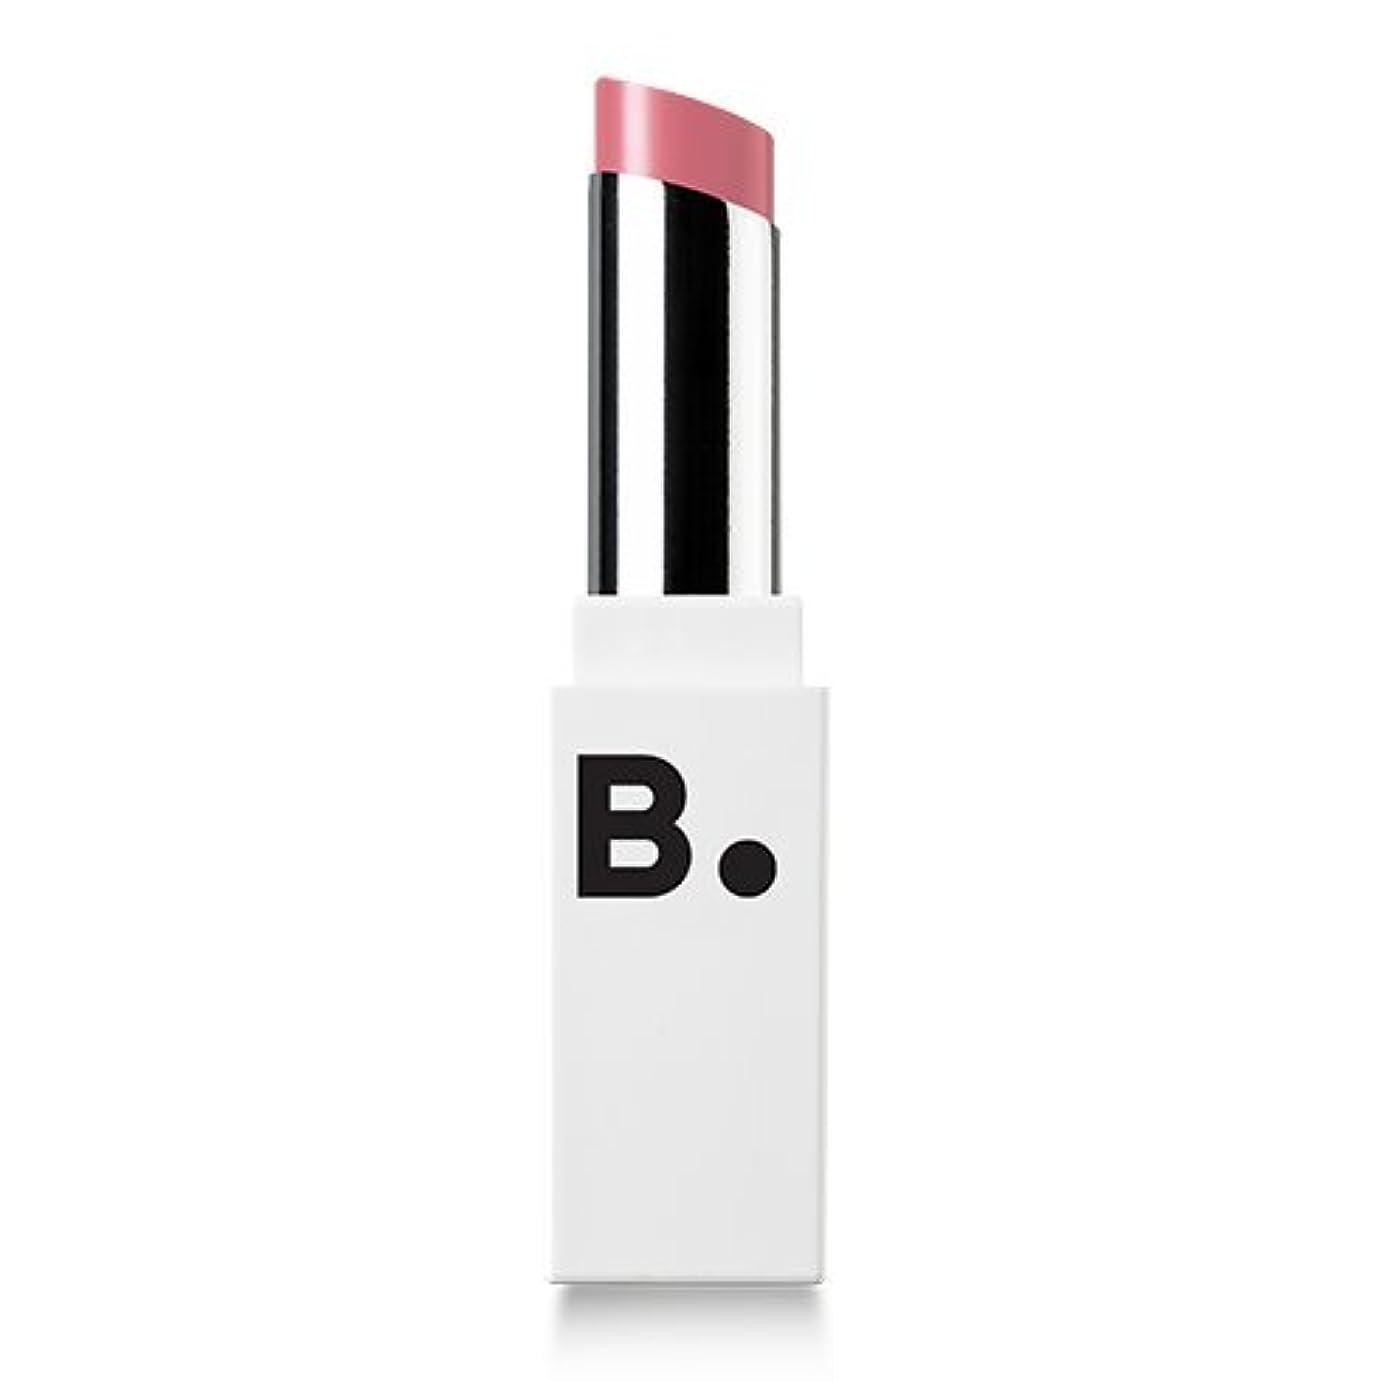 取る精巧な経験者BANILA CO Lip Draw Melting Serum Stick 4.2g/バニラコ リップ ドロー メルティング セラム スティック 4.2g (#SPK04 Hollywood Nude) [並行輸入品]